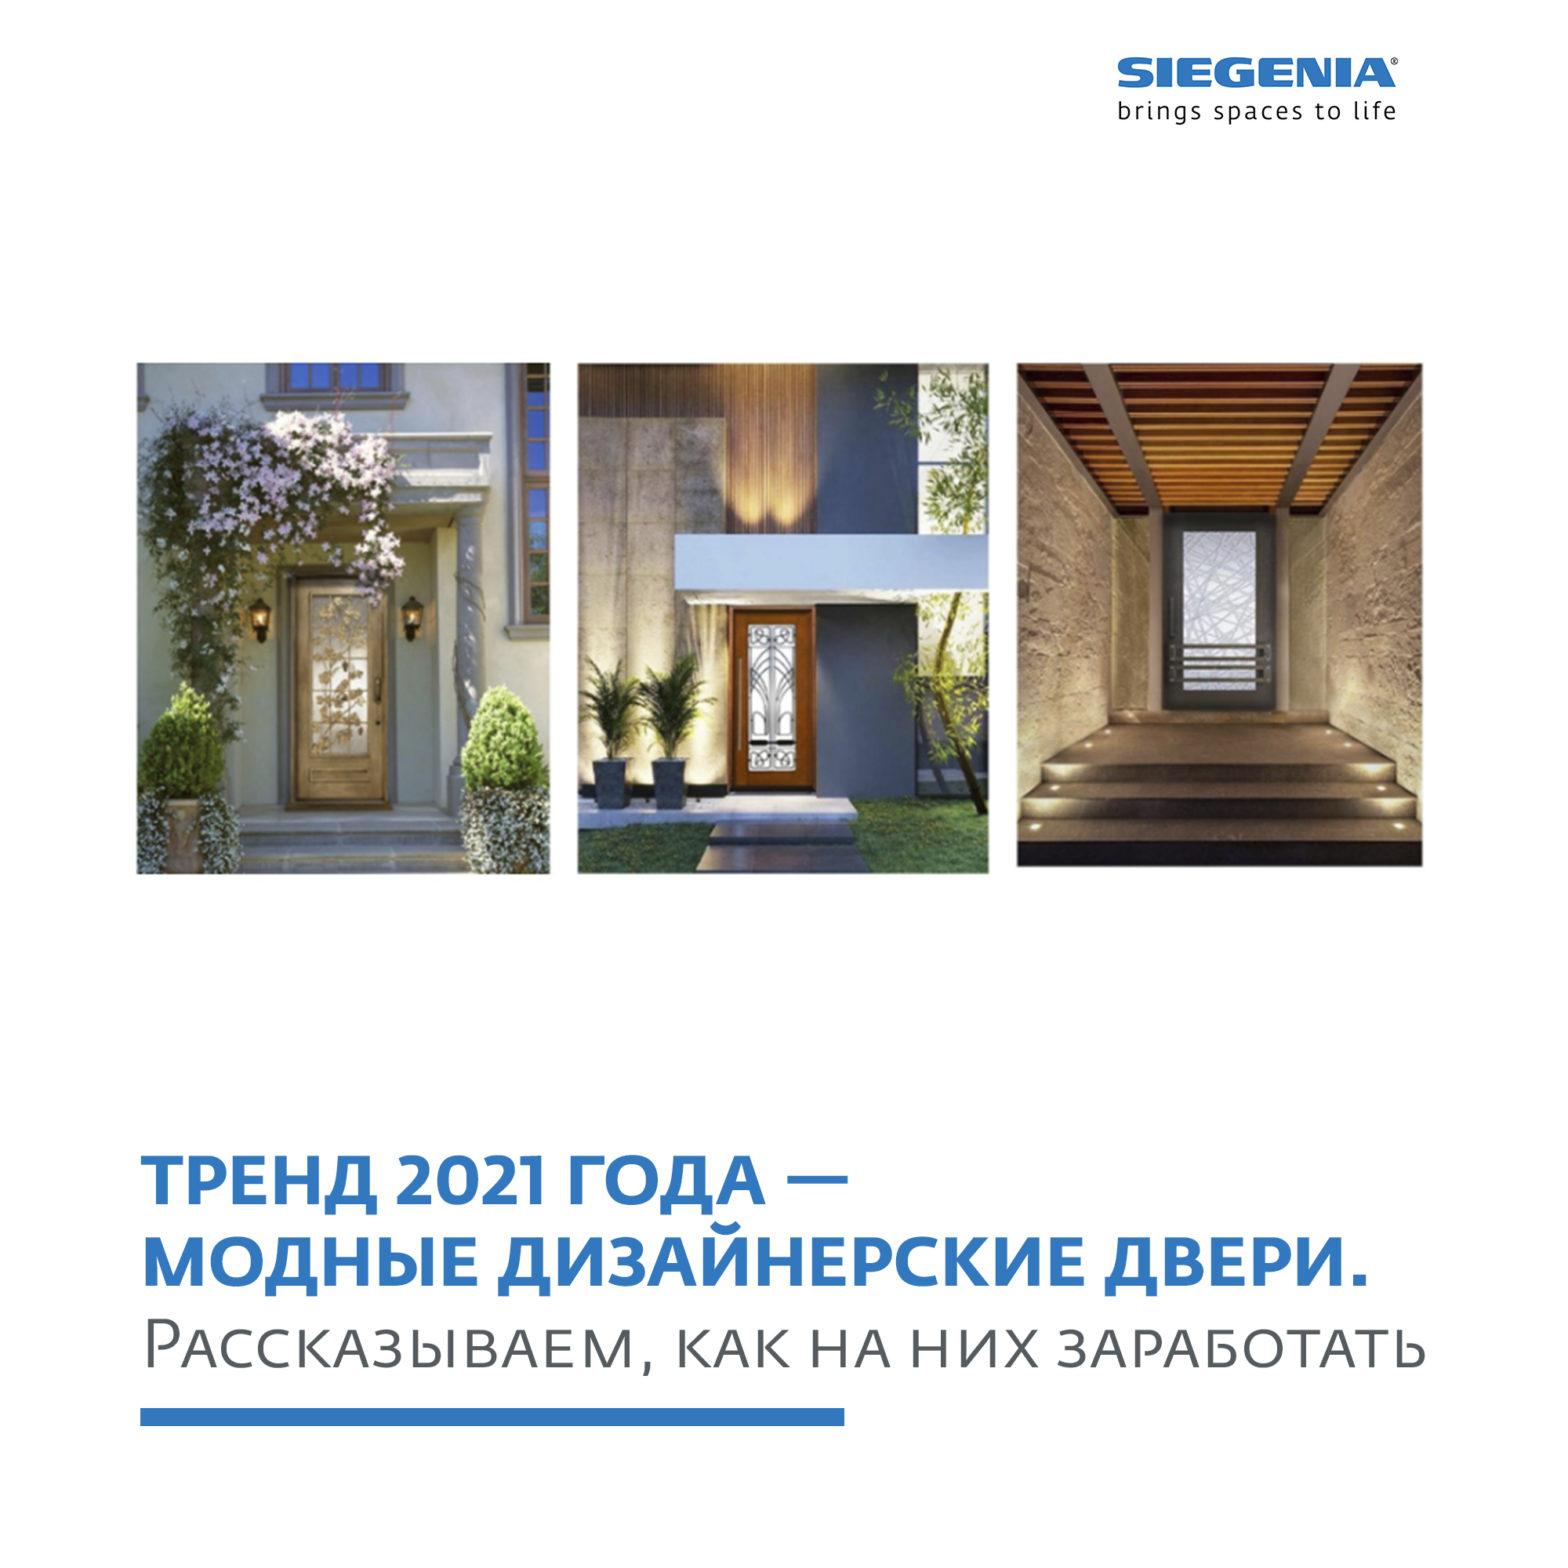 Красивые дизайнерские двери 3 штуки